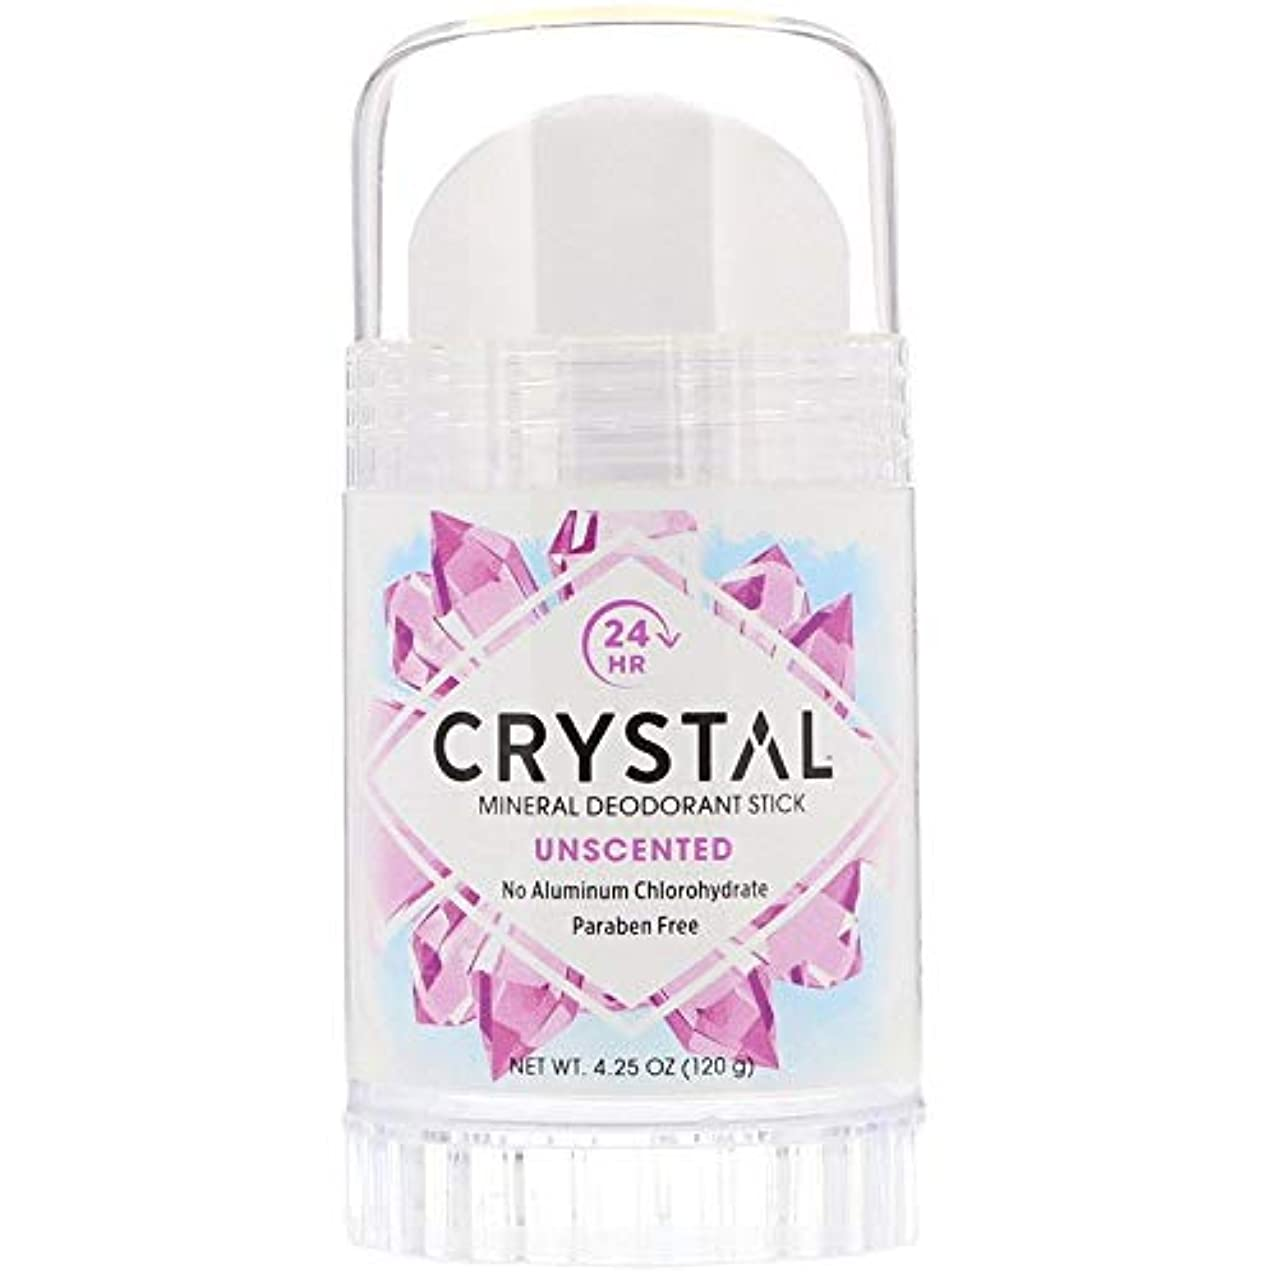 構成員の間に組立Crystal Deodorant Stick Twist-Up 126 ml (並行輸入品) -4 Packs